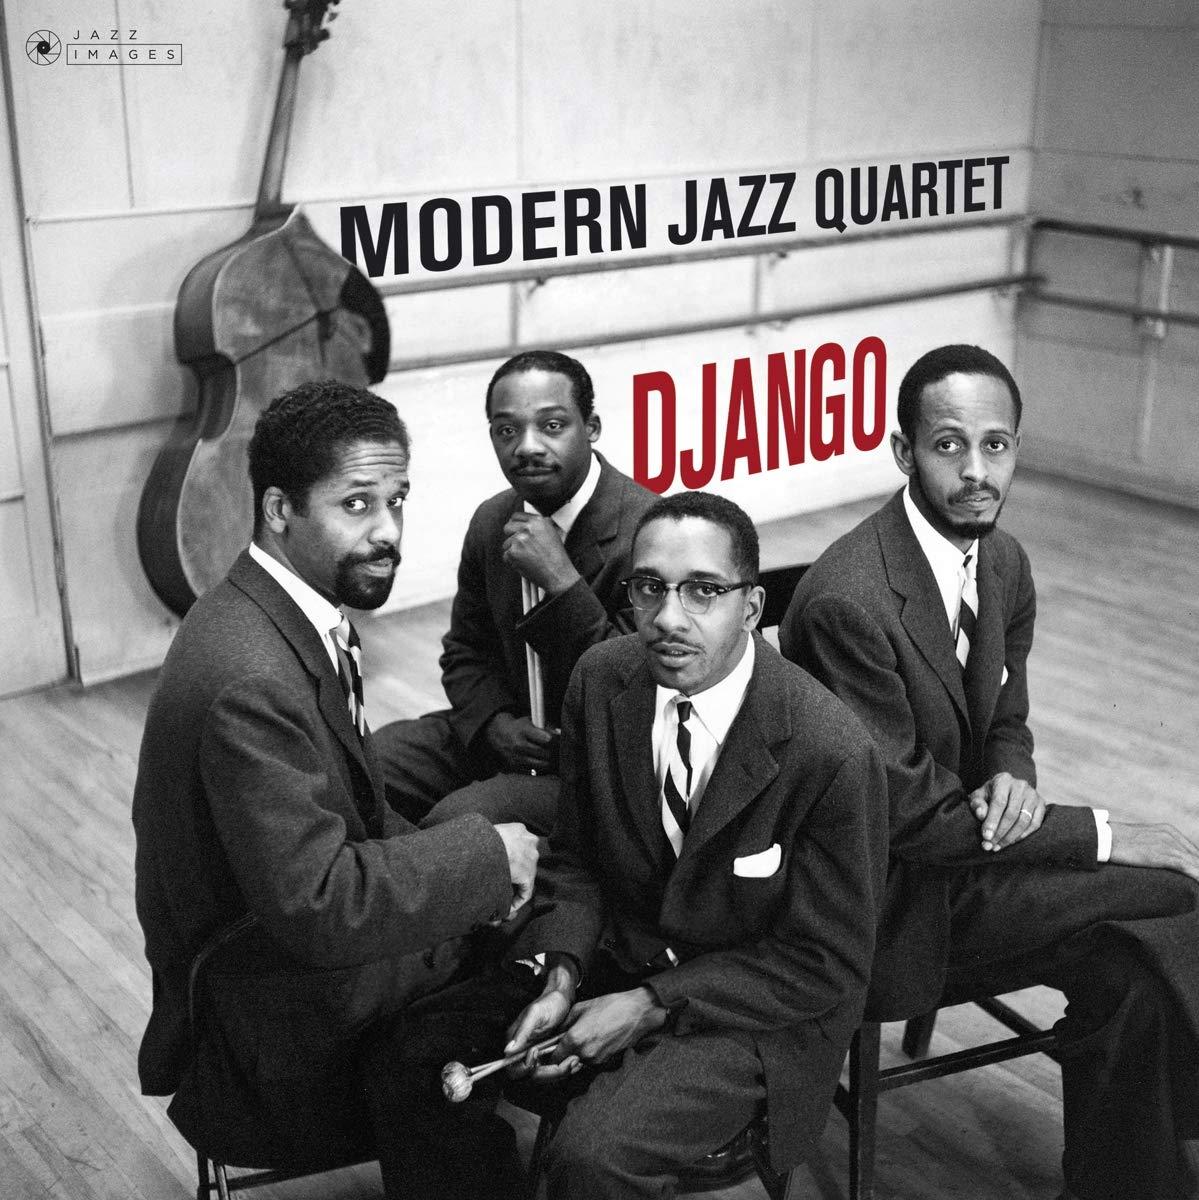 Django/Modern Jazz Quartet: Modern Jazz Quartet: Amazon.fr: Musique